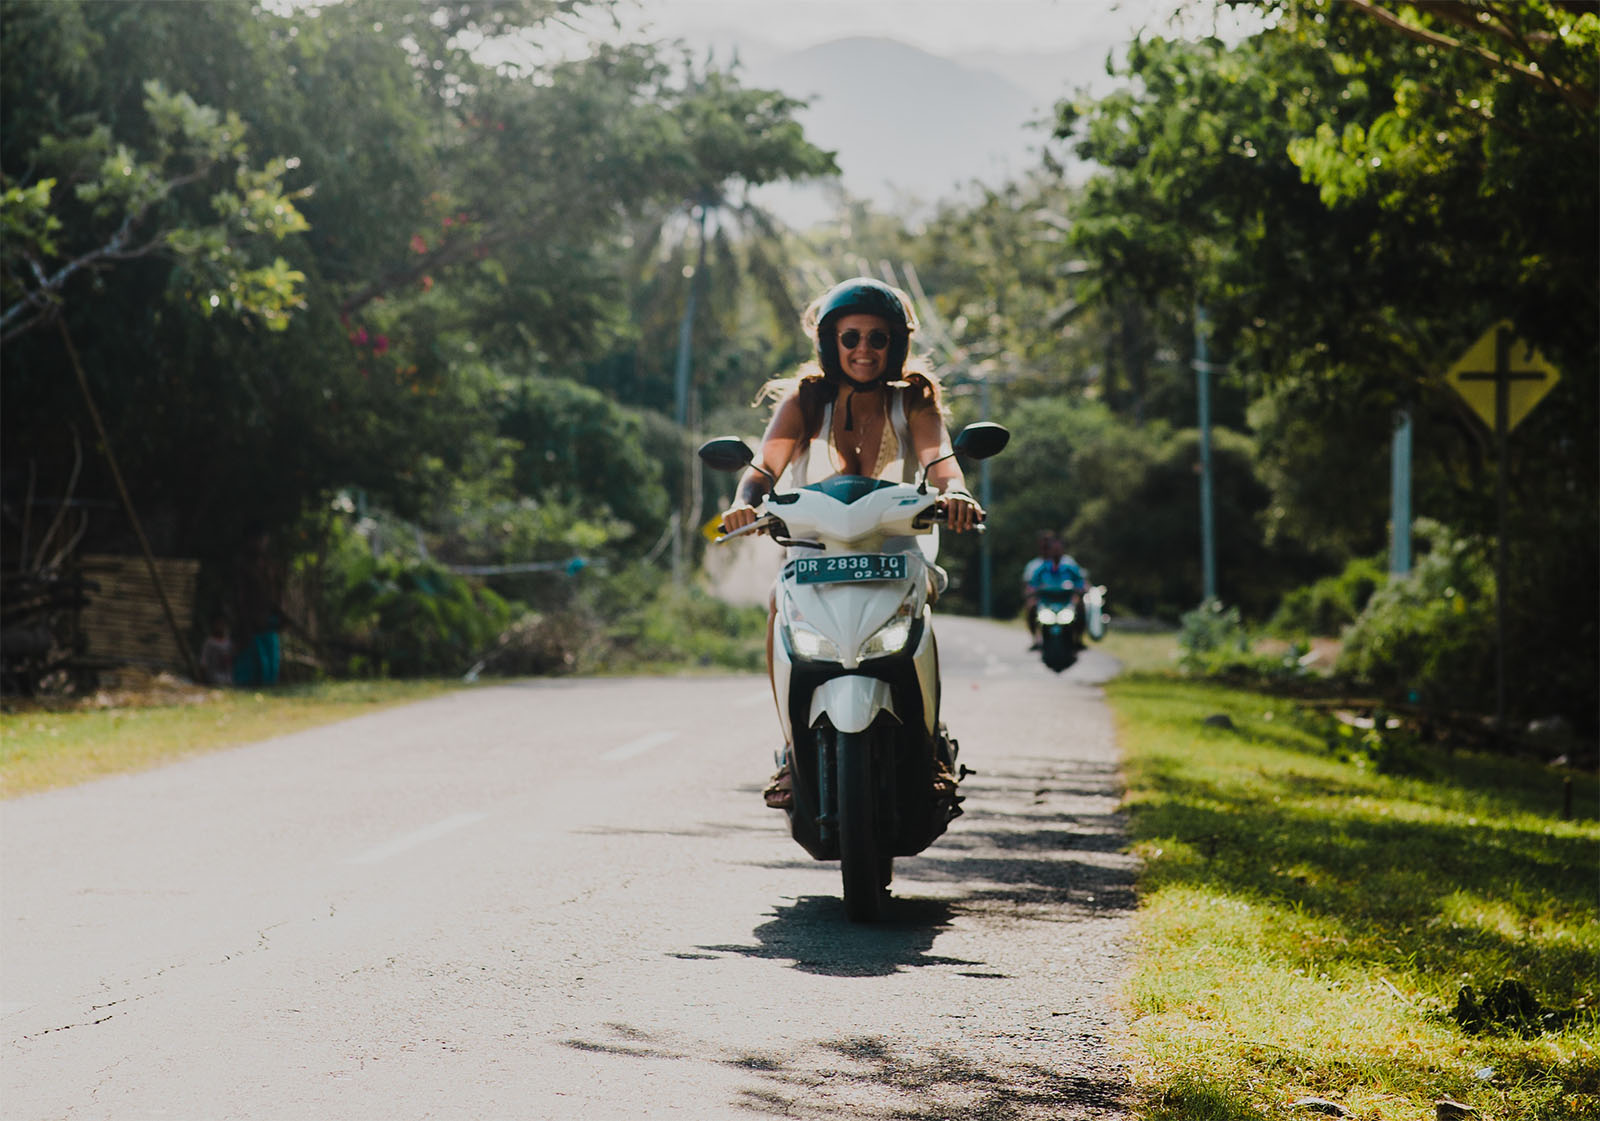 Sewa Motor di Bali – Sewa Motor Terbaru Harga Murah 2019